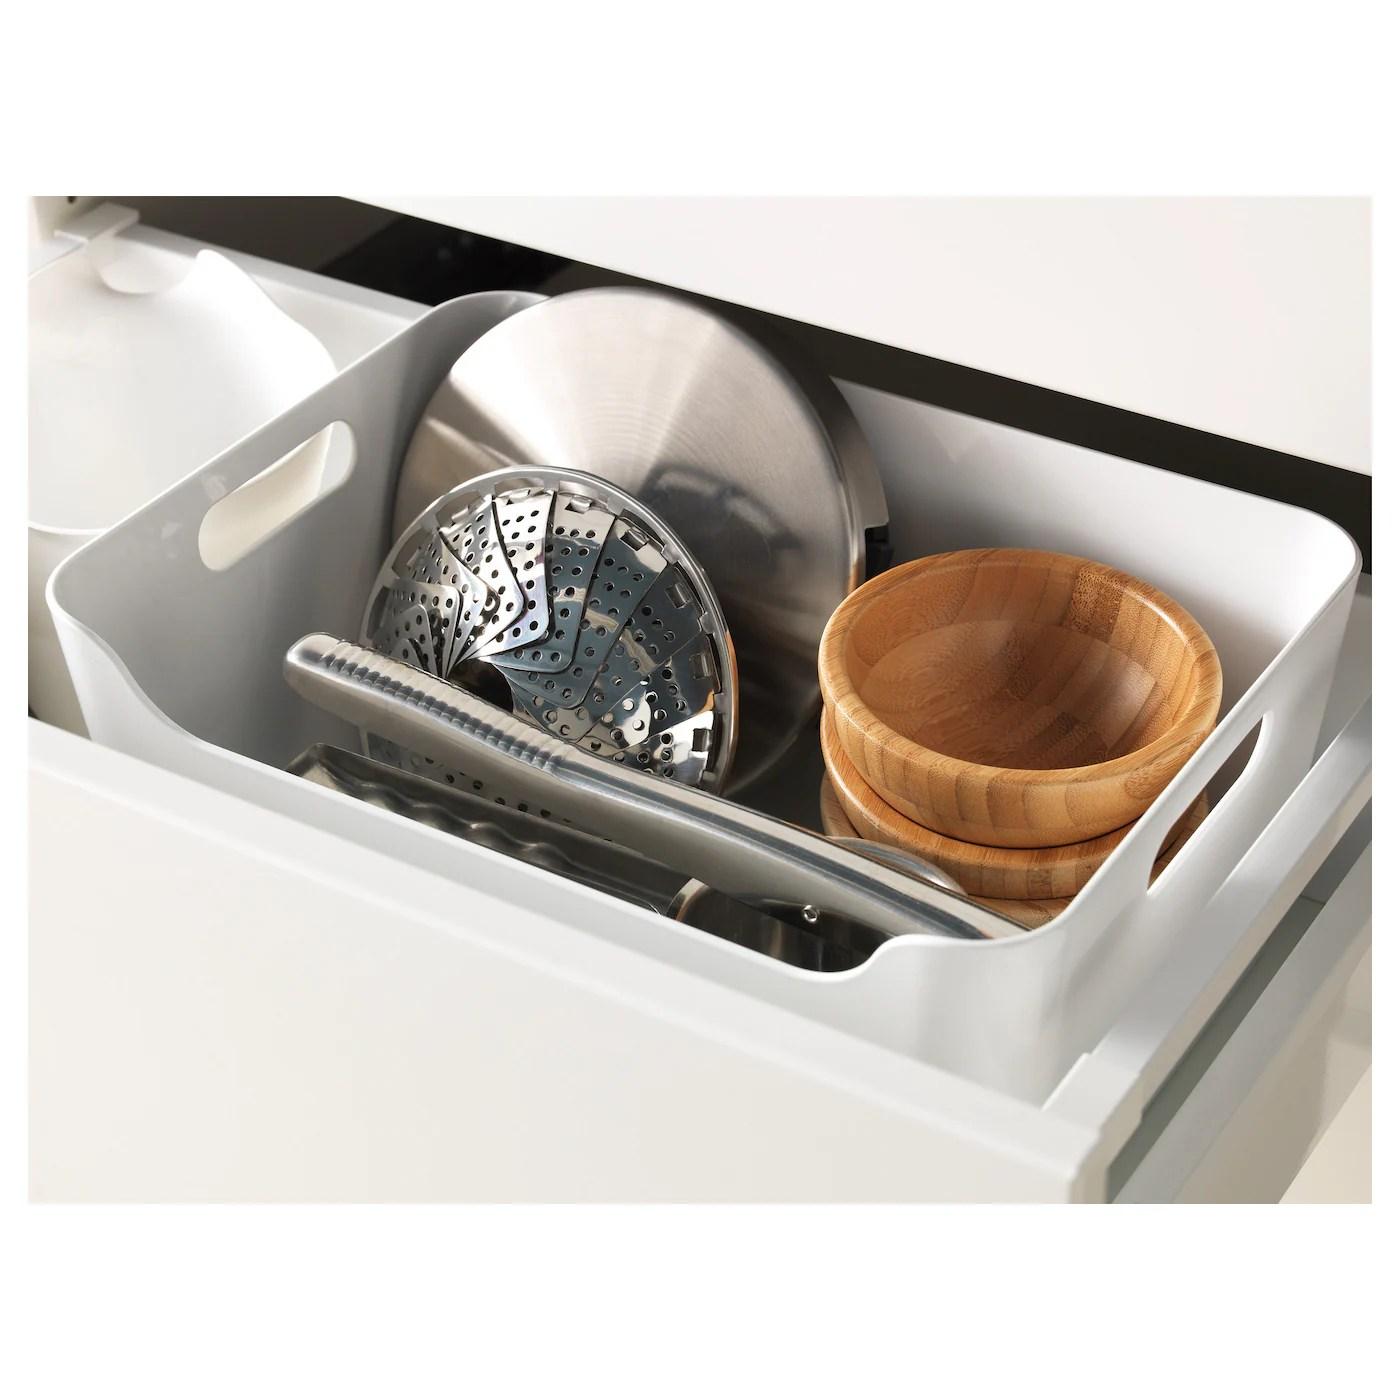 18 accessori salvaspazio per la cucina. Accessori Interni Per Mobili Da Cucina It Ikea It